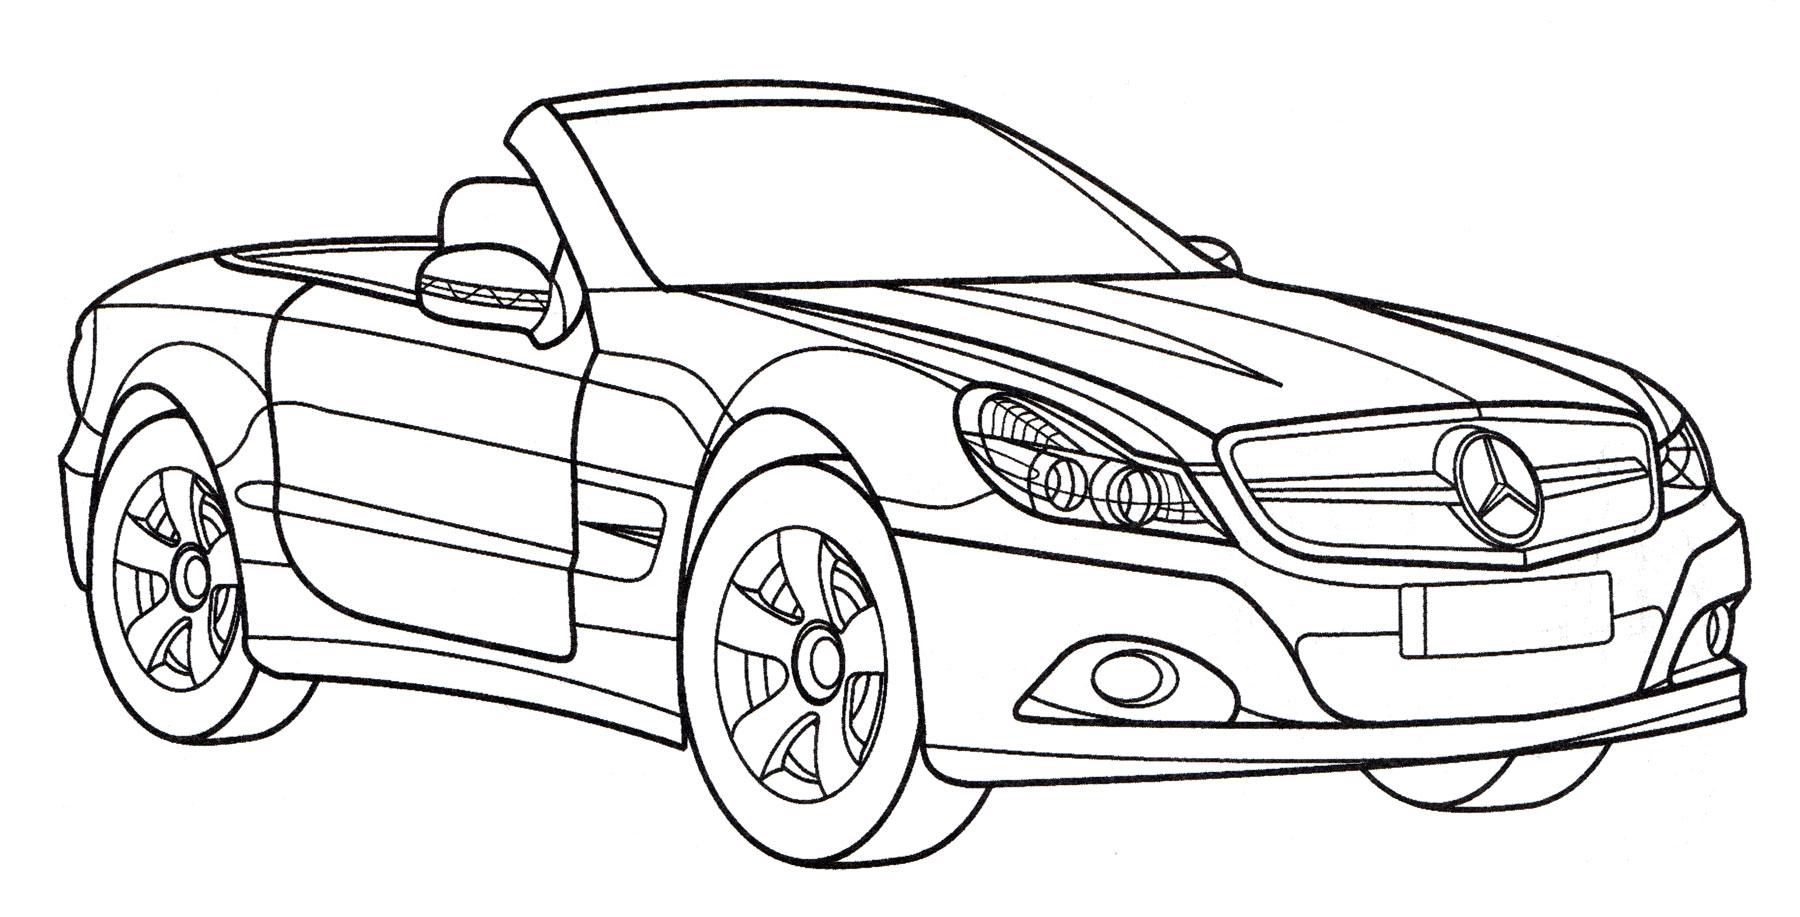 Раскраска Мерседес SL 500, распечатать бесплатно или скачать